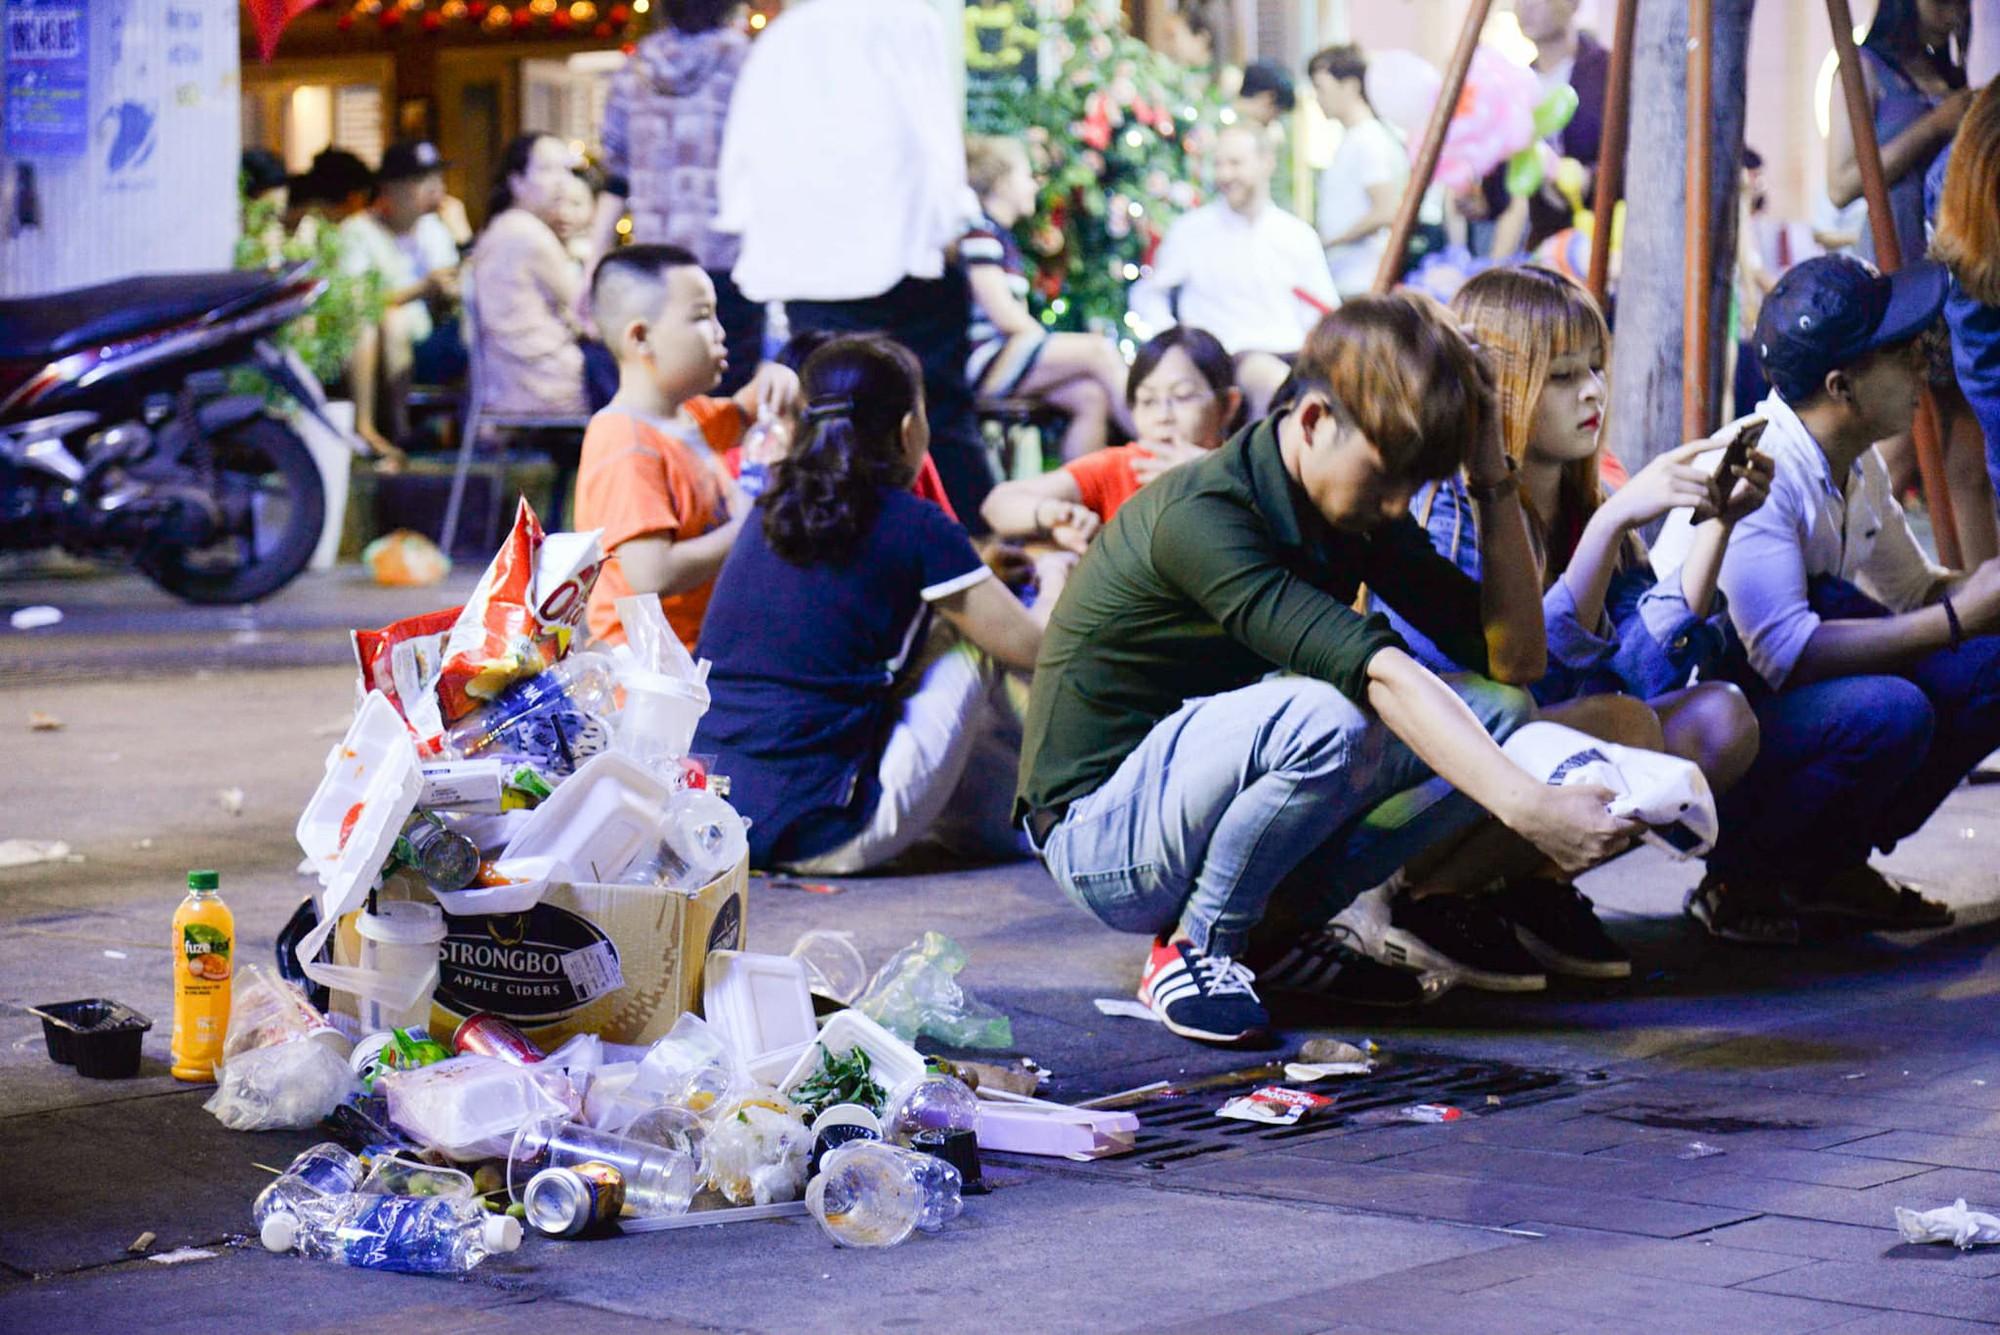 Hình ảnh nhìn thôi đã mệt: Thanh niên say bét nhè nằm lăn ra giữa phố đi bộ, trẻ con đi theo bố mẹ vạ vật chờ giao thừa - Ảnh 8.